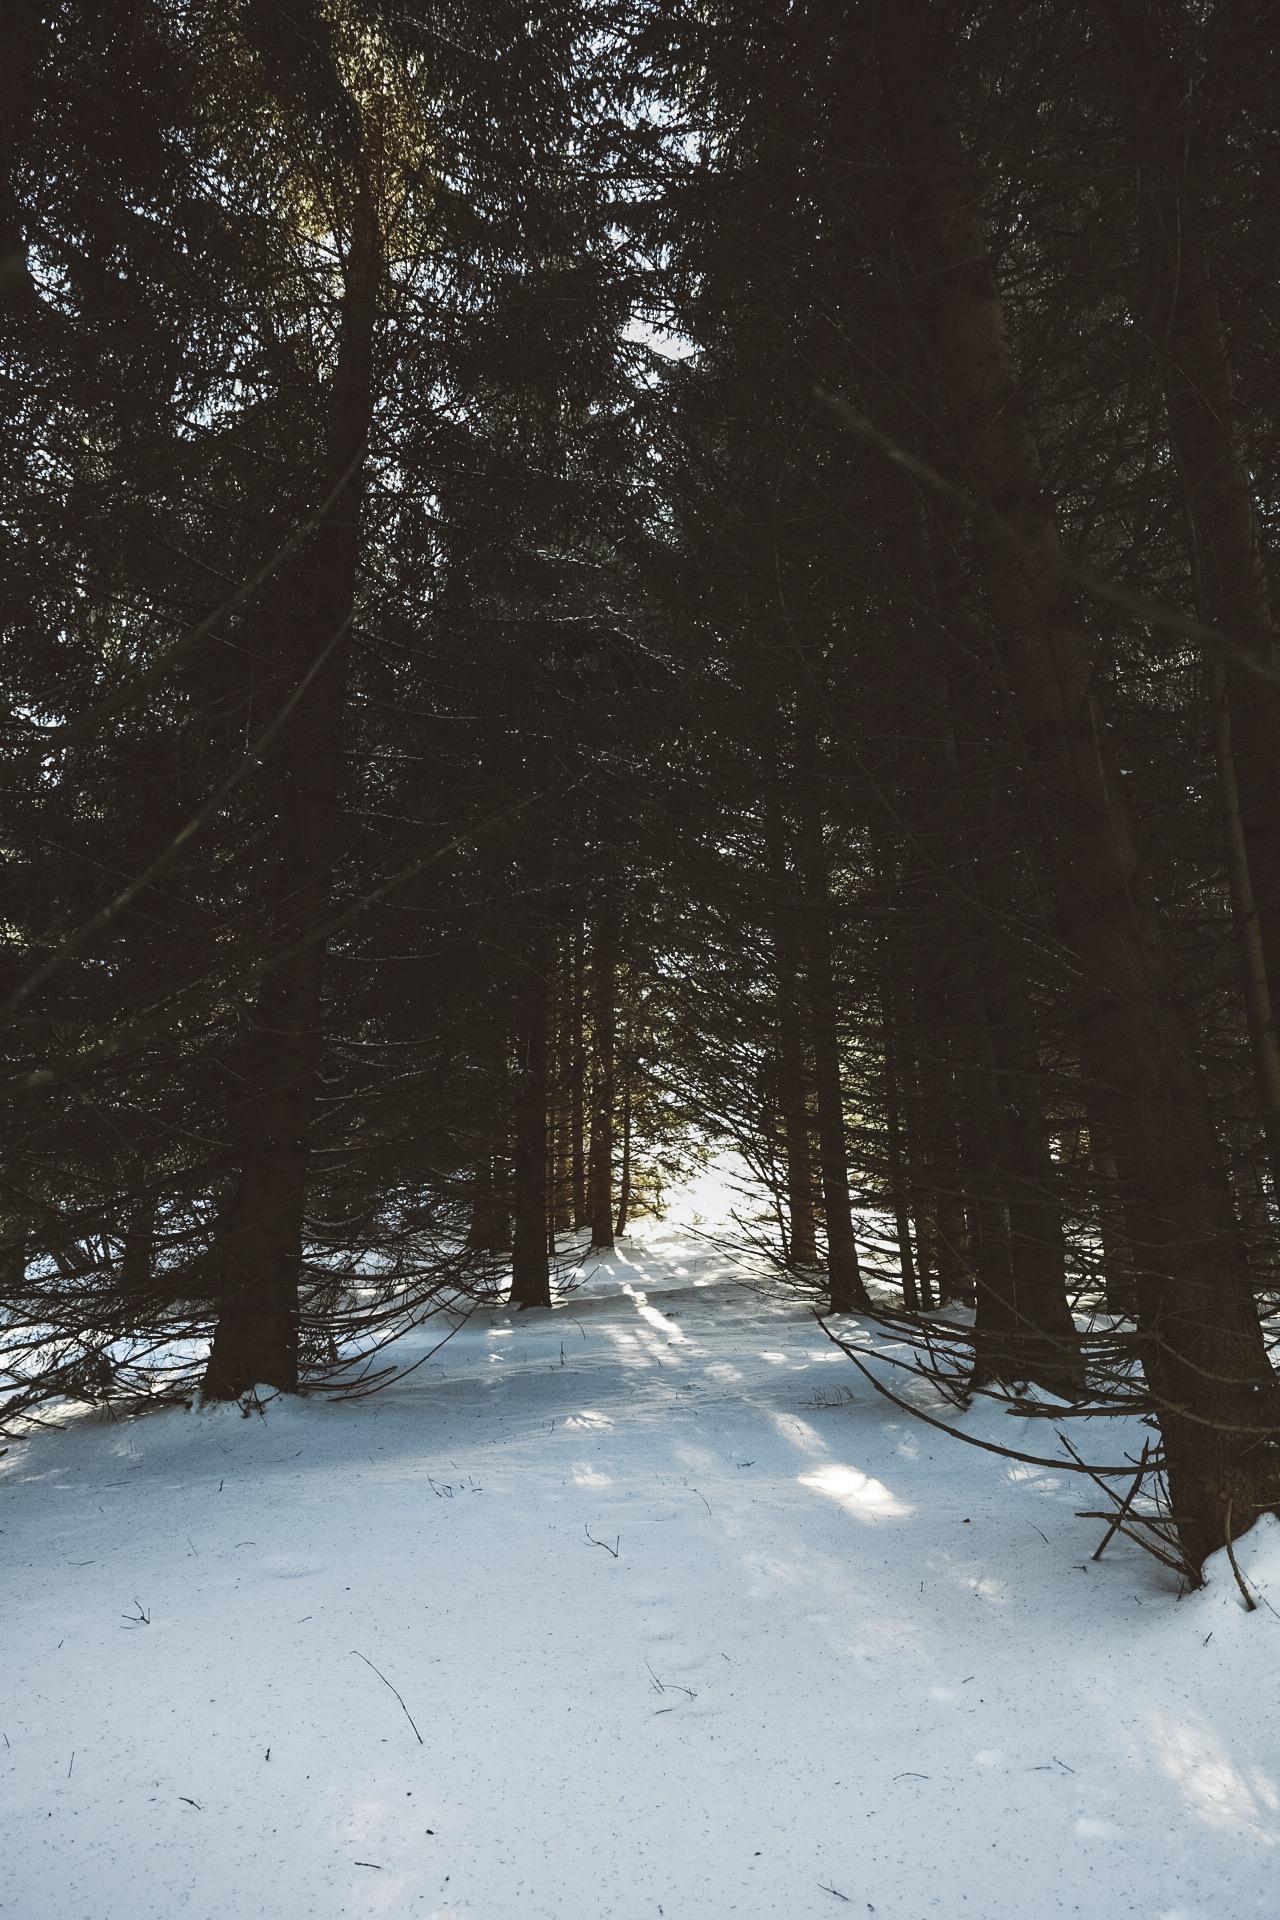 foret de sapin dans la neige